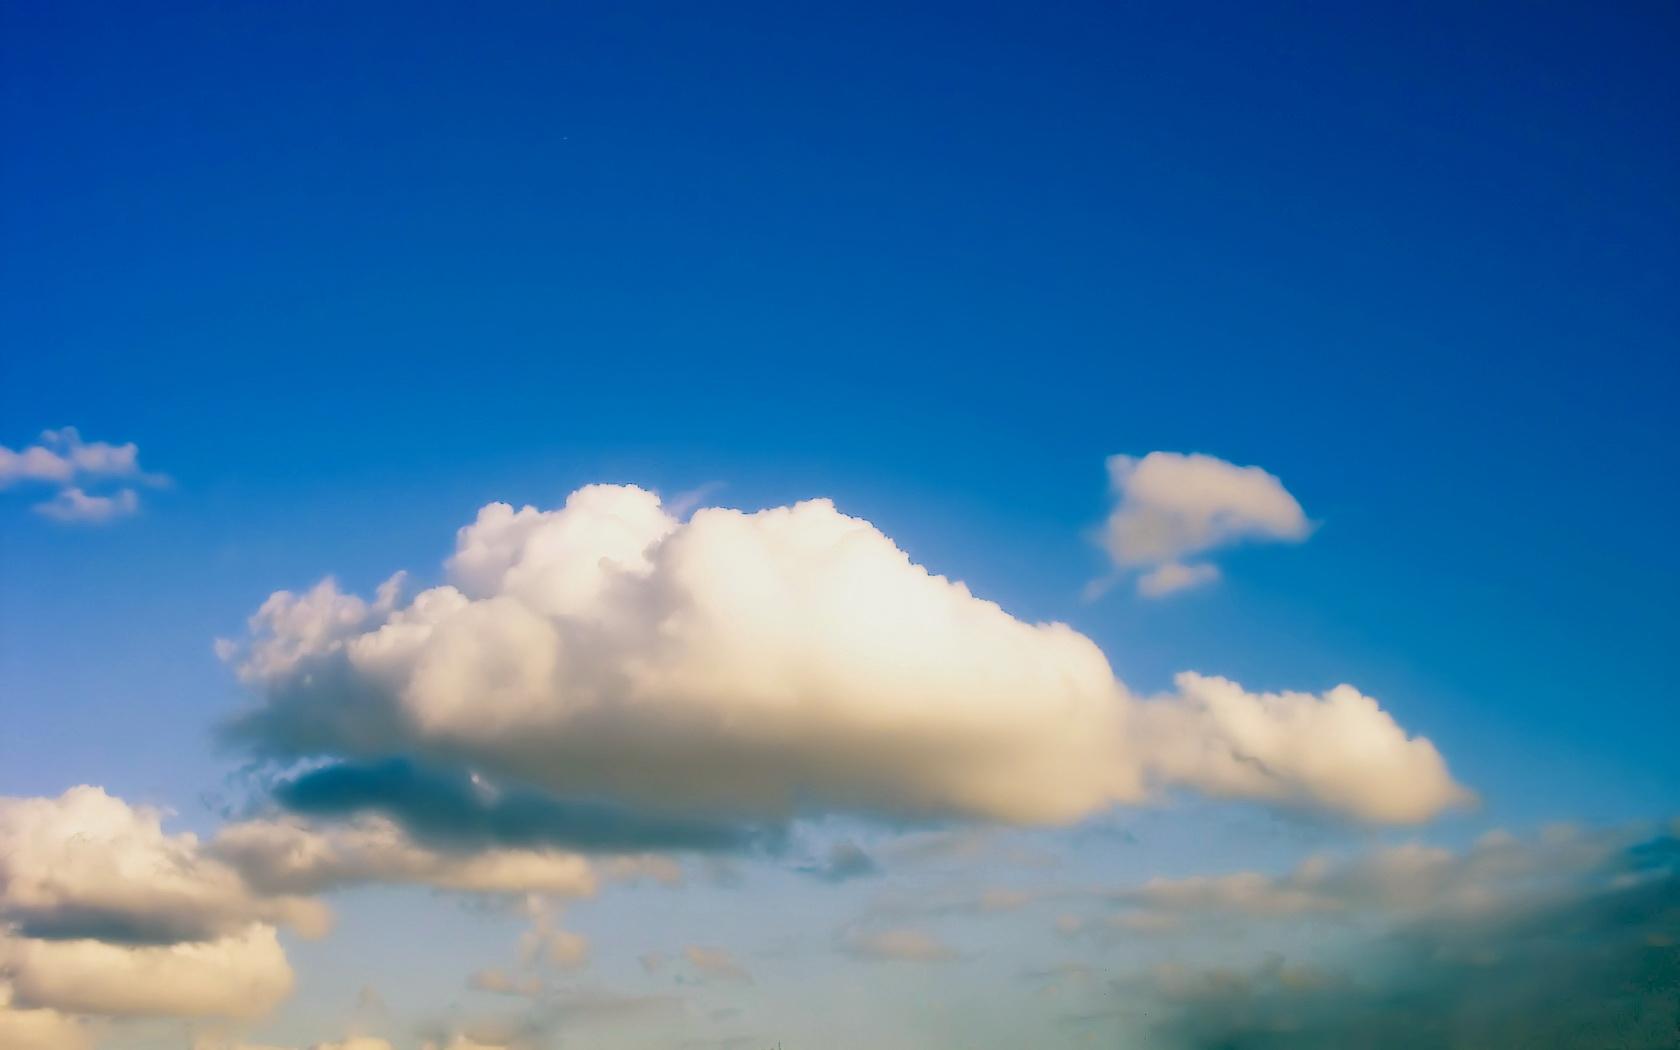 Облака в голубом небе  № 1665978 загрузить